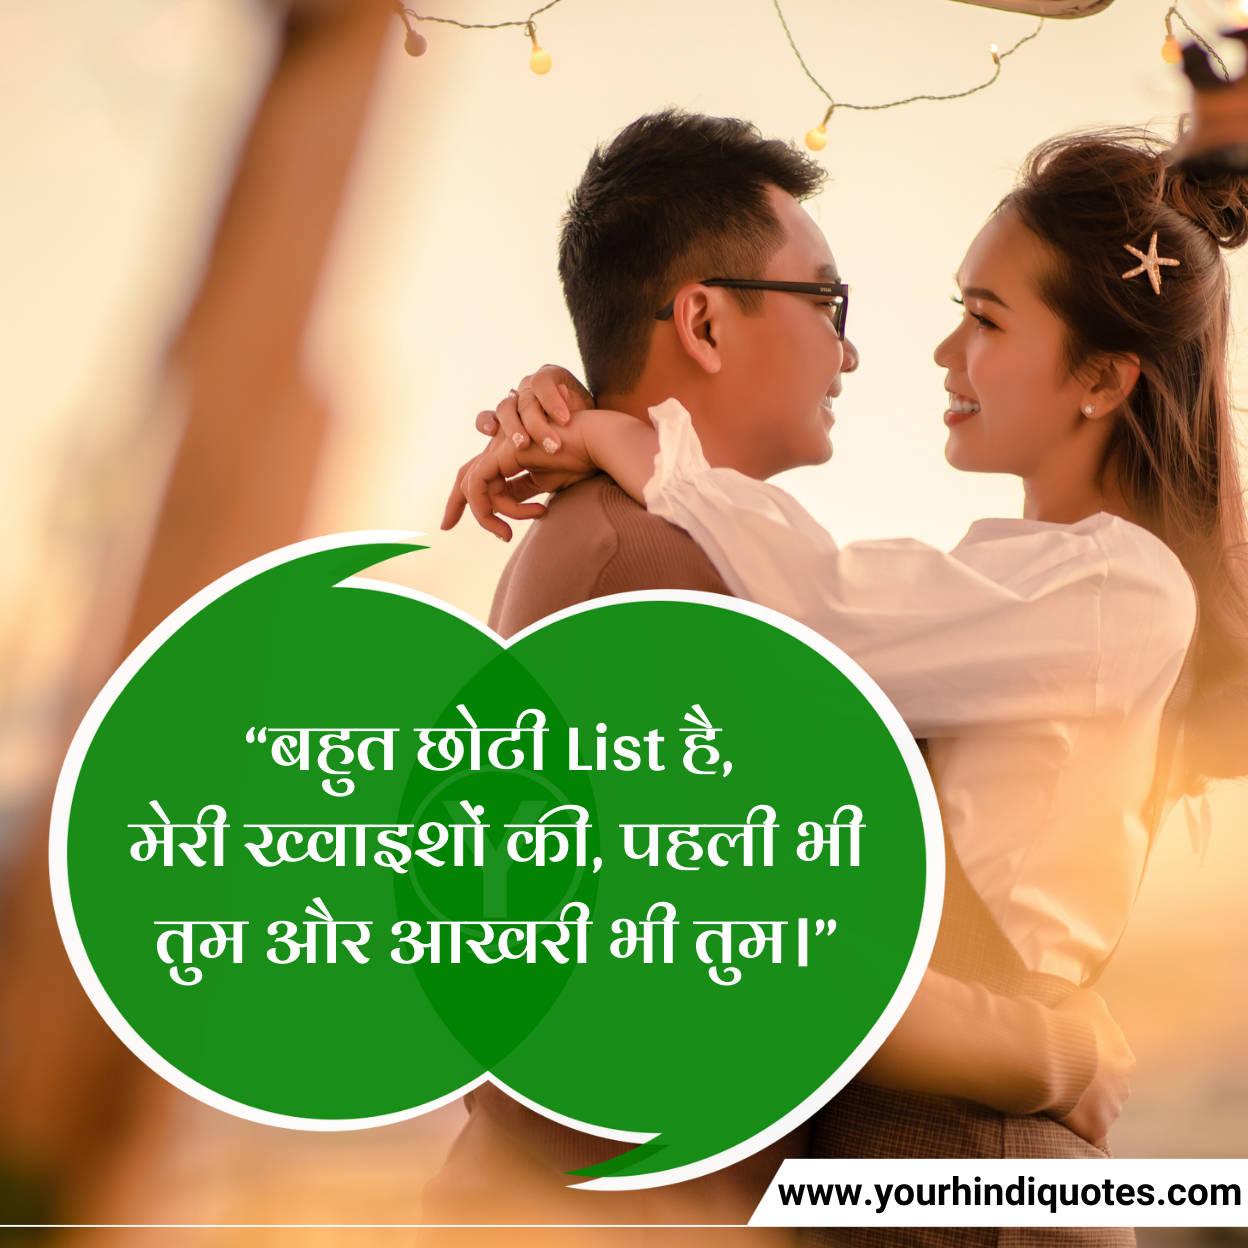 Images for Pyar Shayari